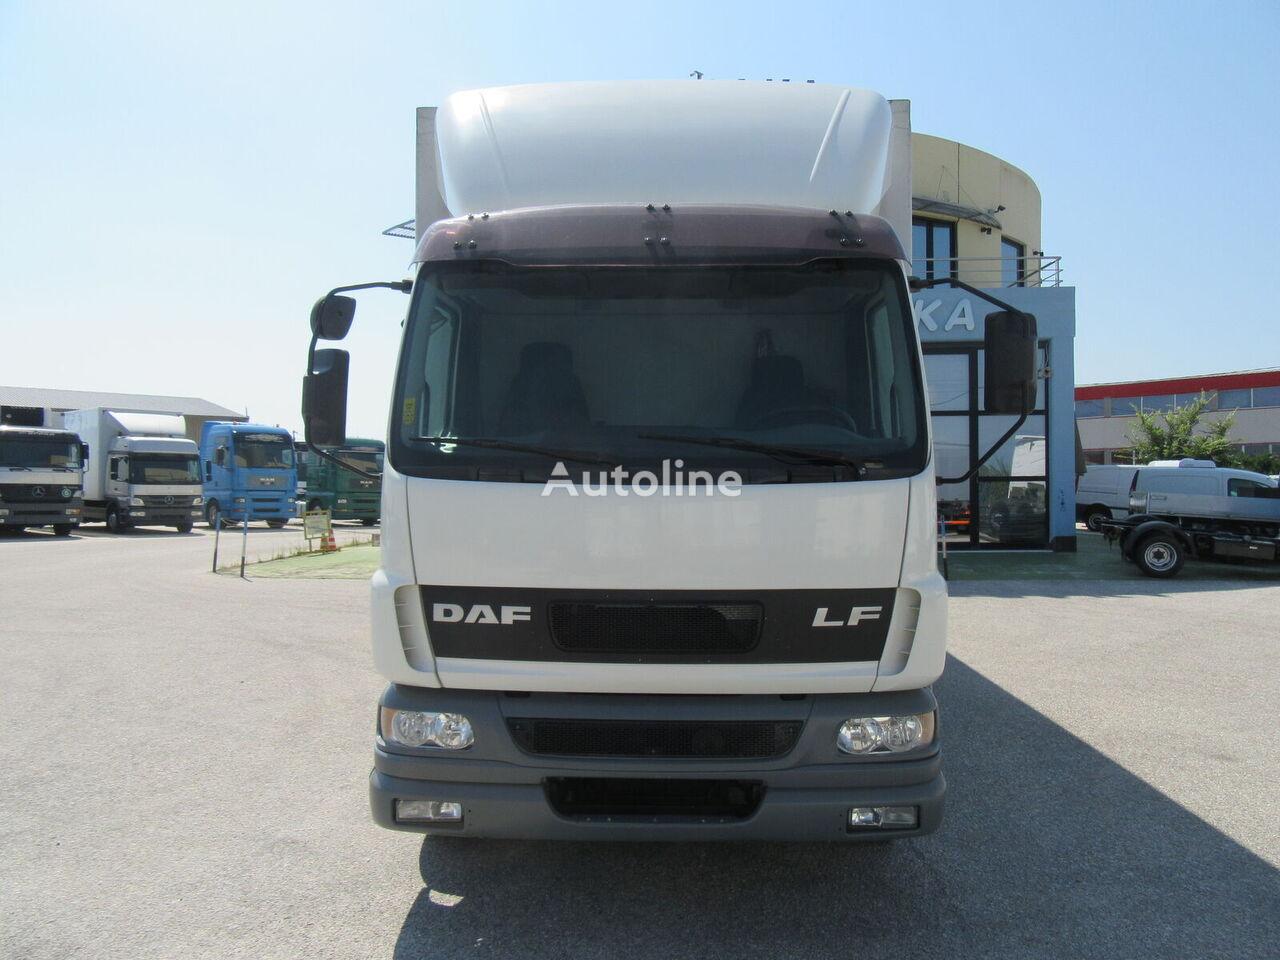 DAF 55.250 LF camión toldo